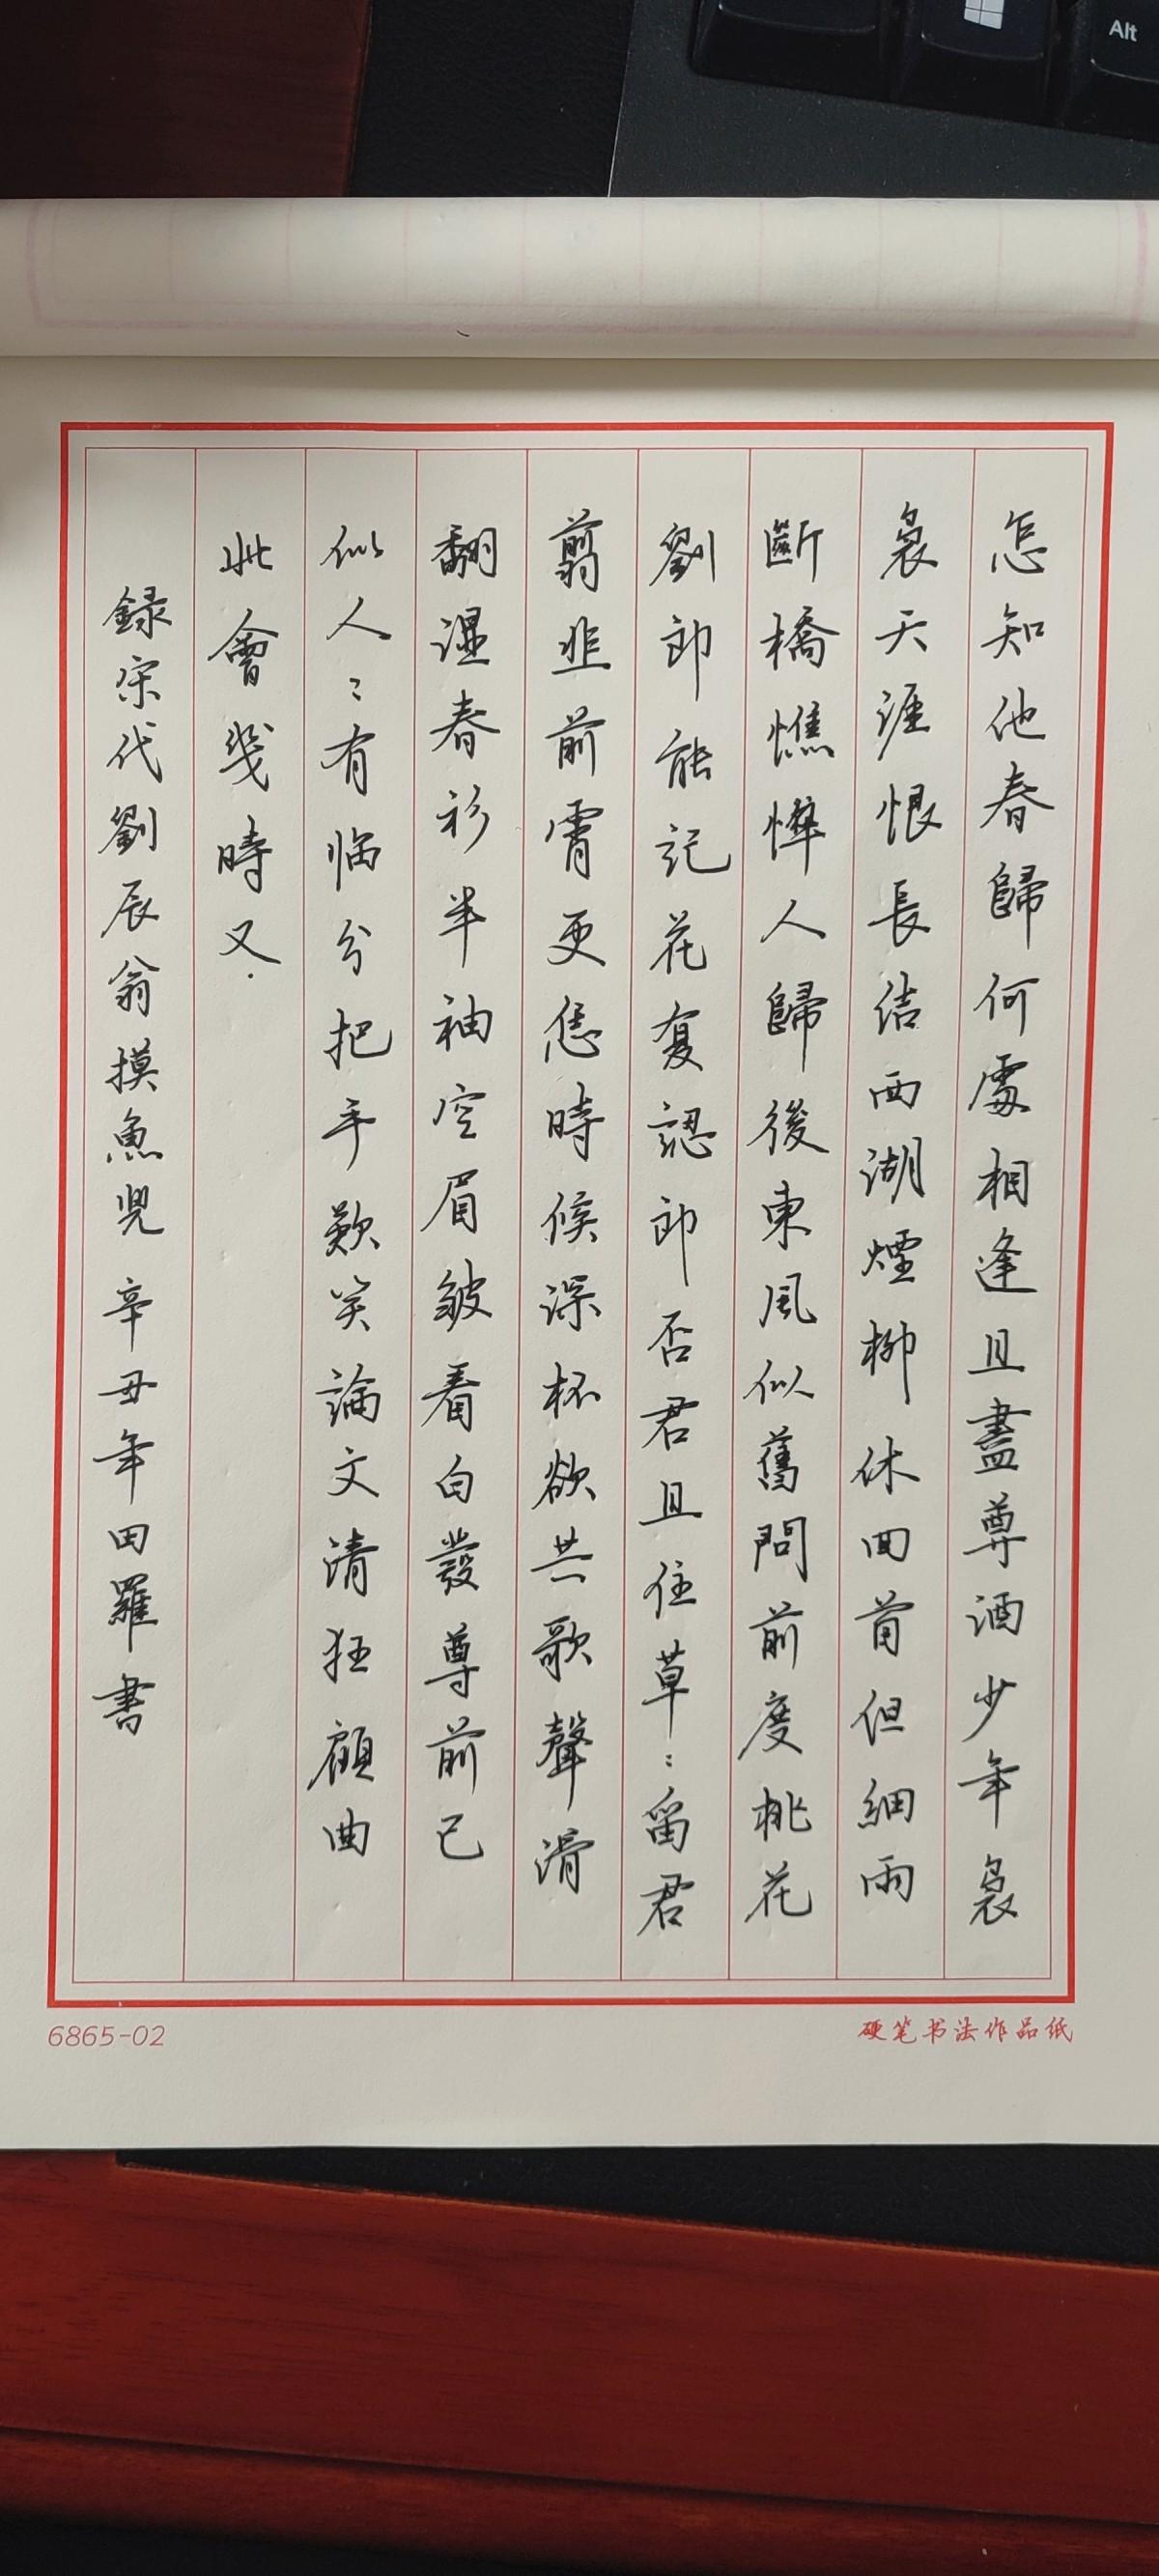 钢笔书法练字打卡20211012-16